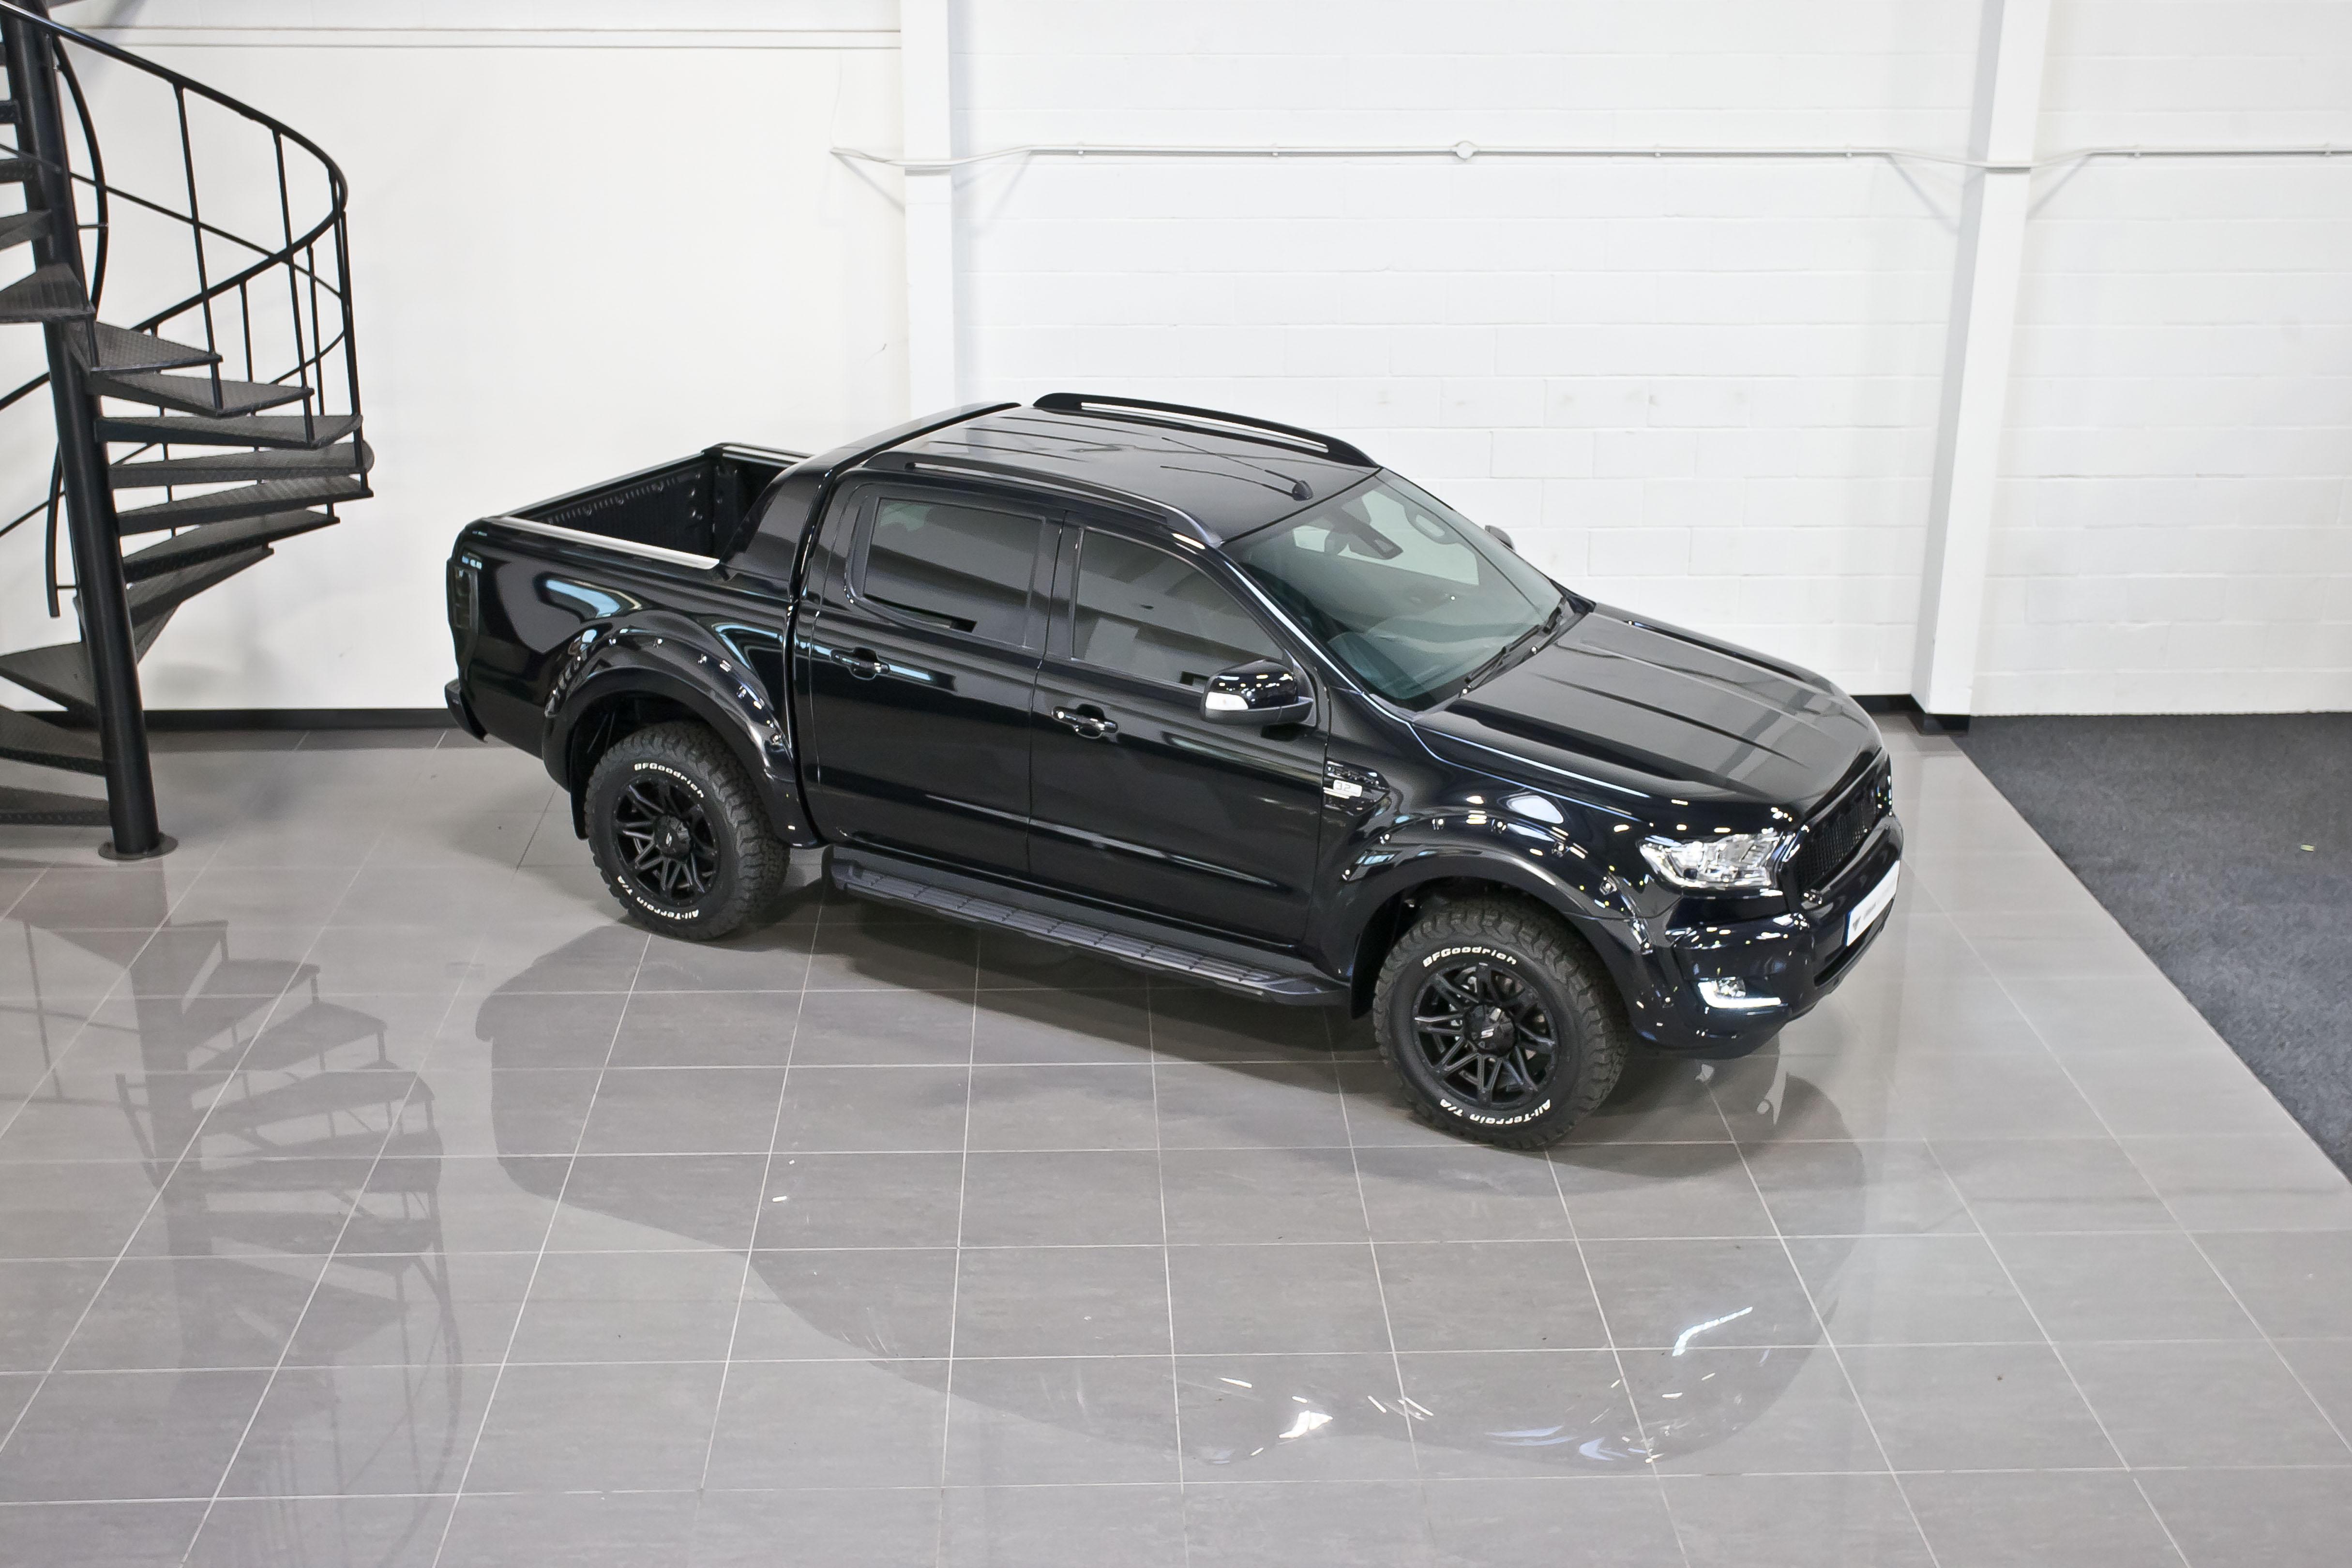 Urban Ford Ranger17